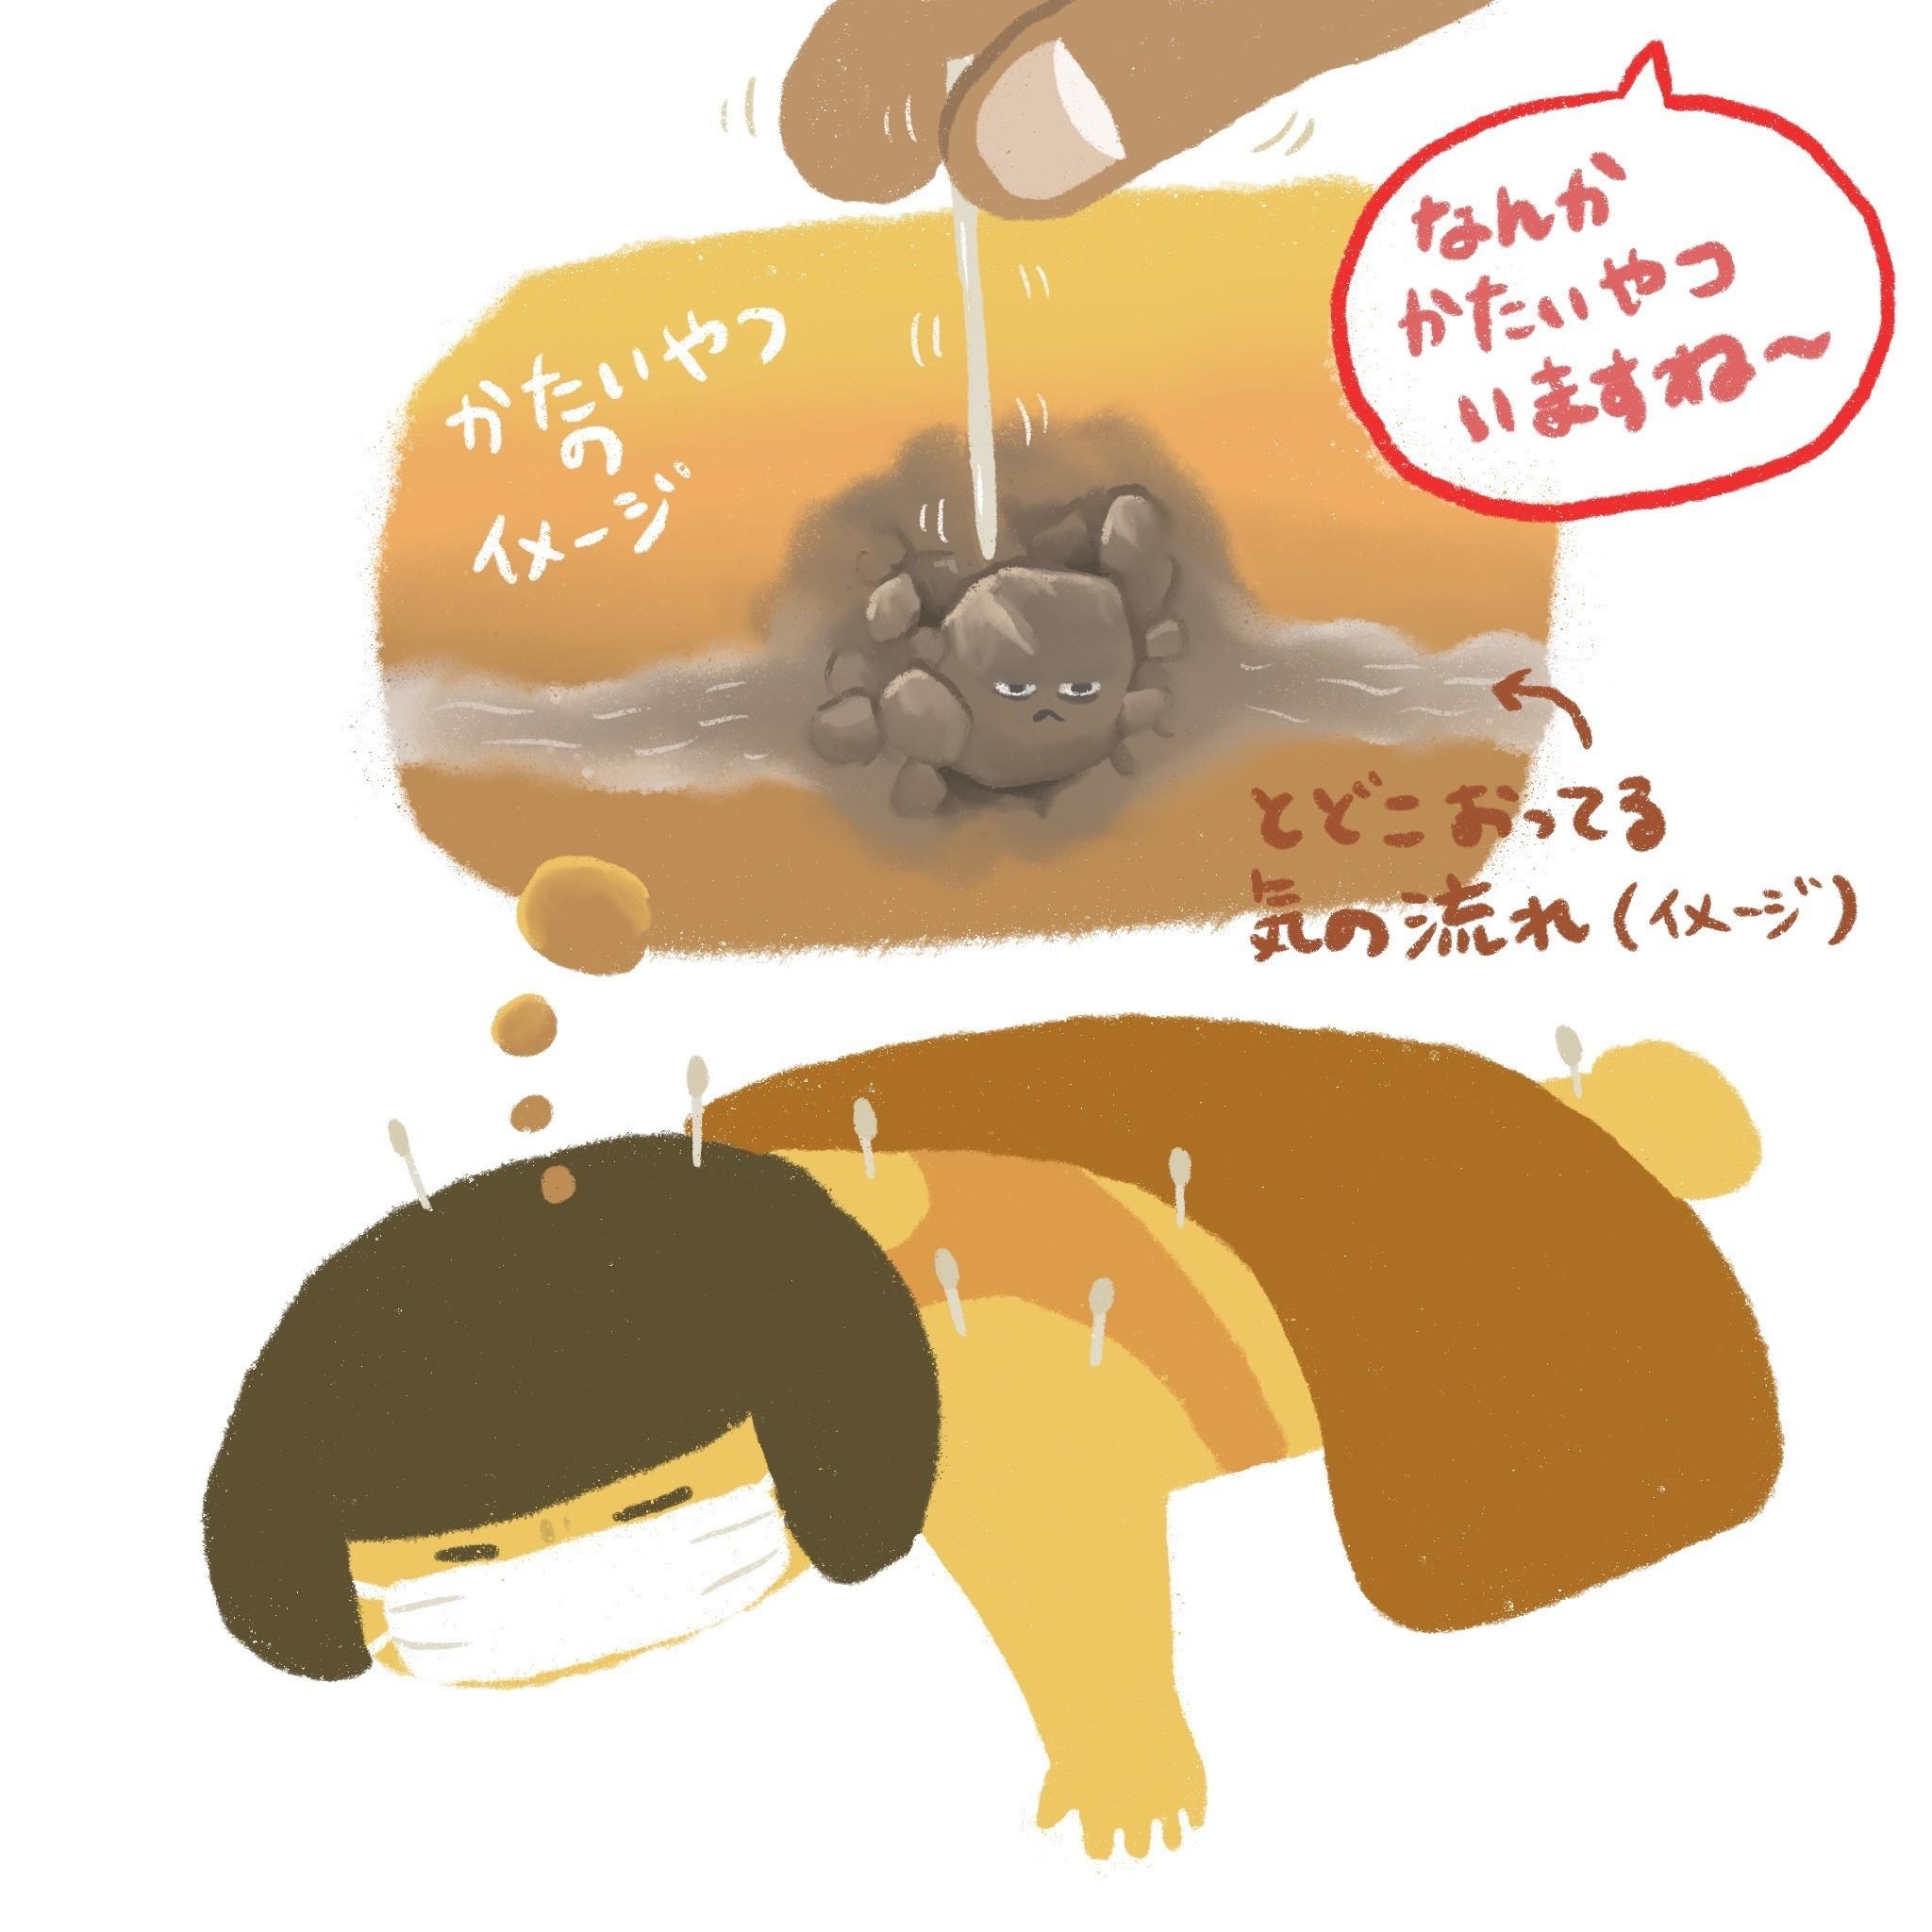 f:id:bobi-wan:20211015045801j:plain:w360